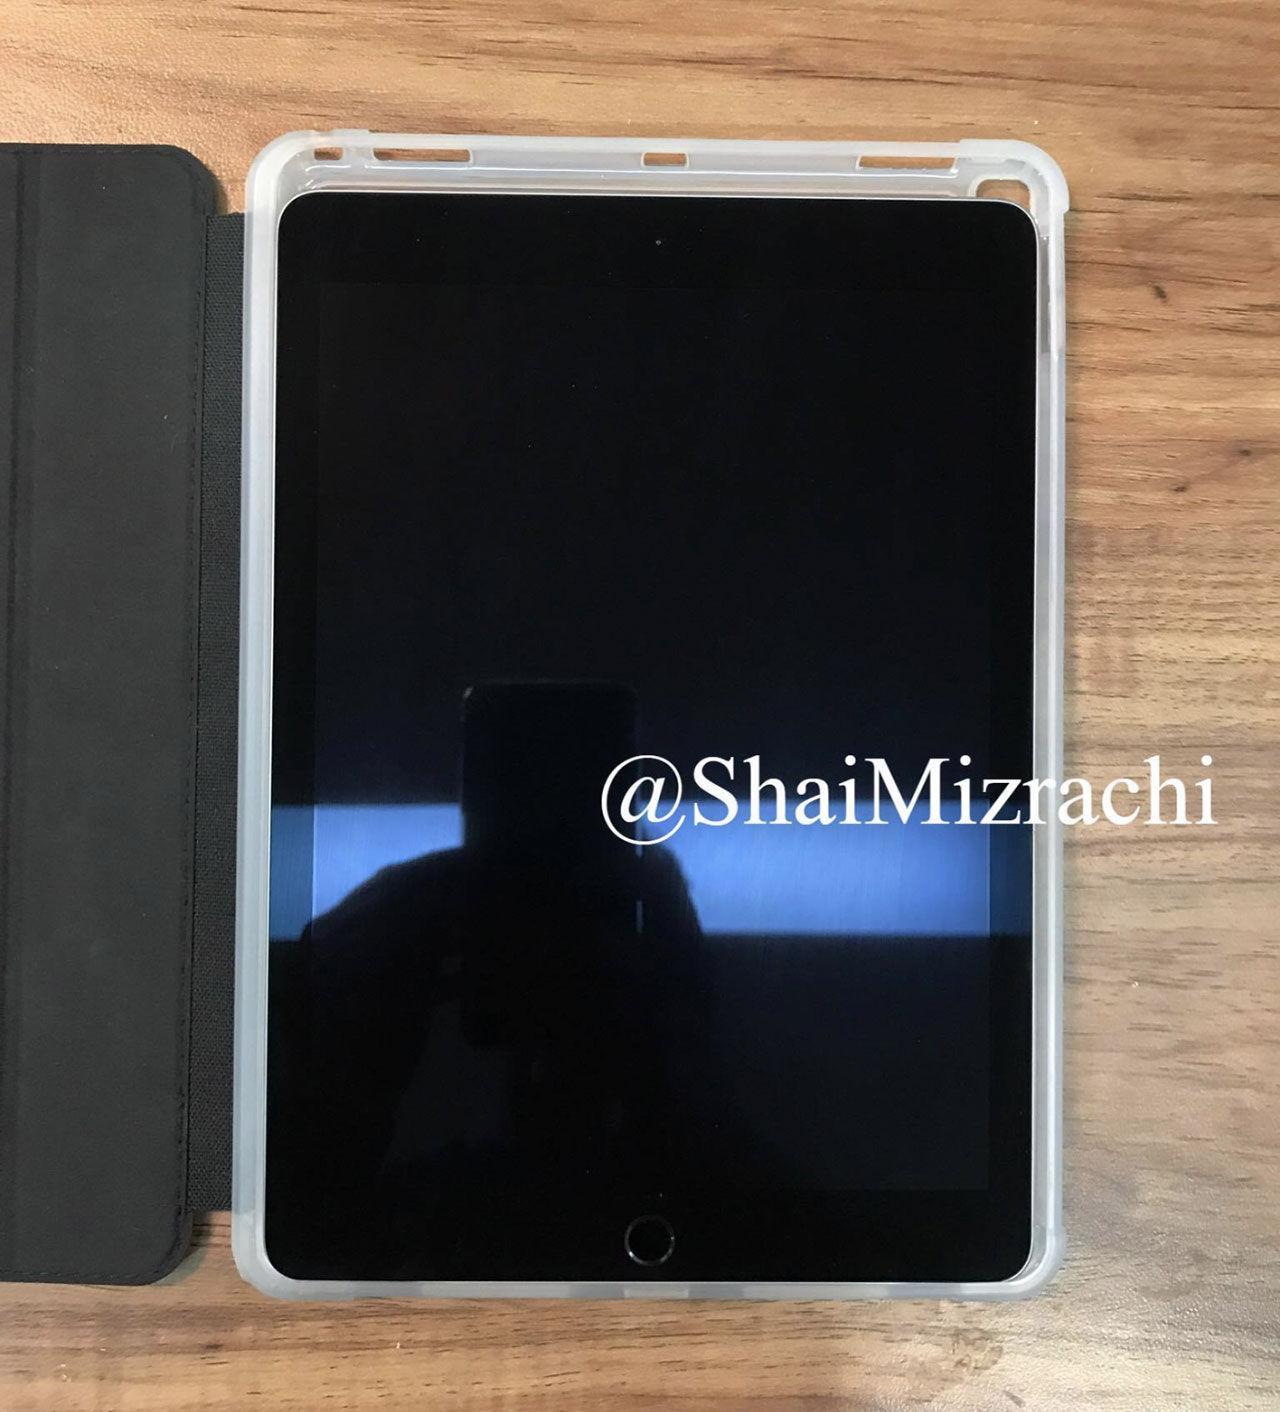 Fodral läckta för iPad i ny storlek